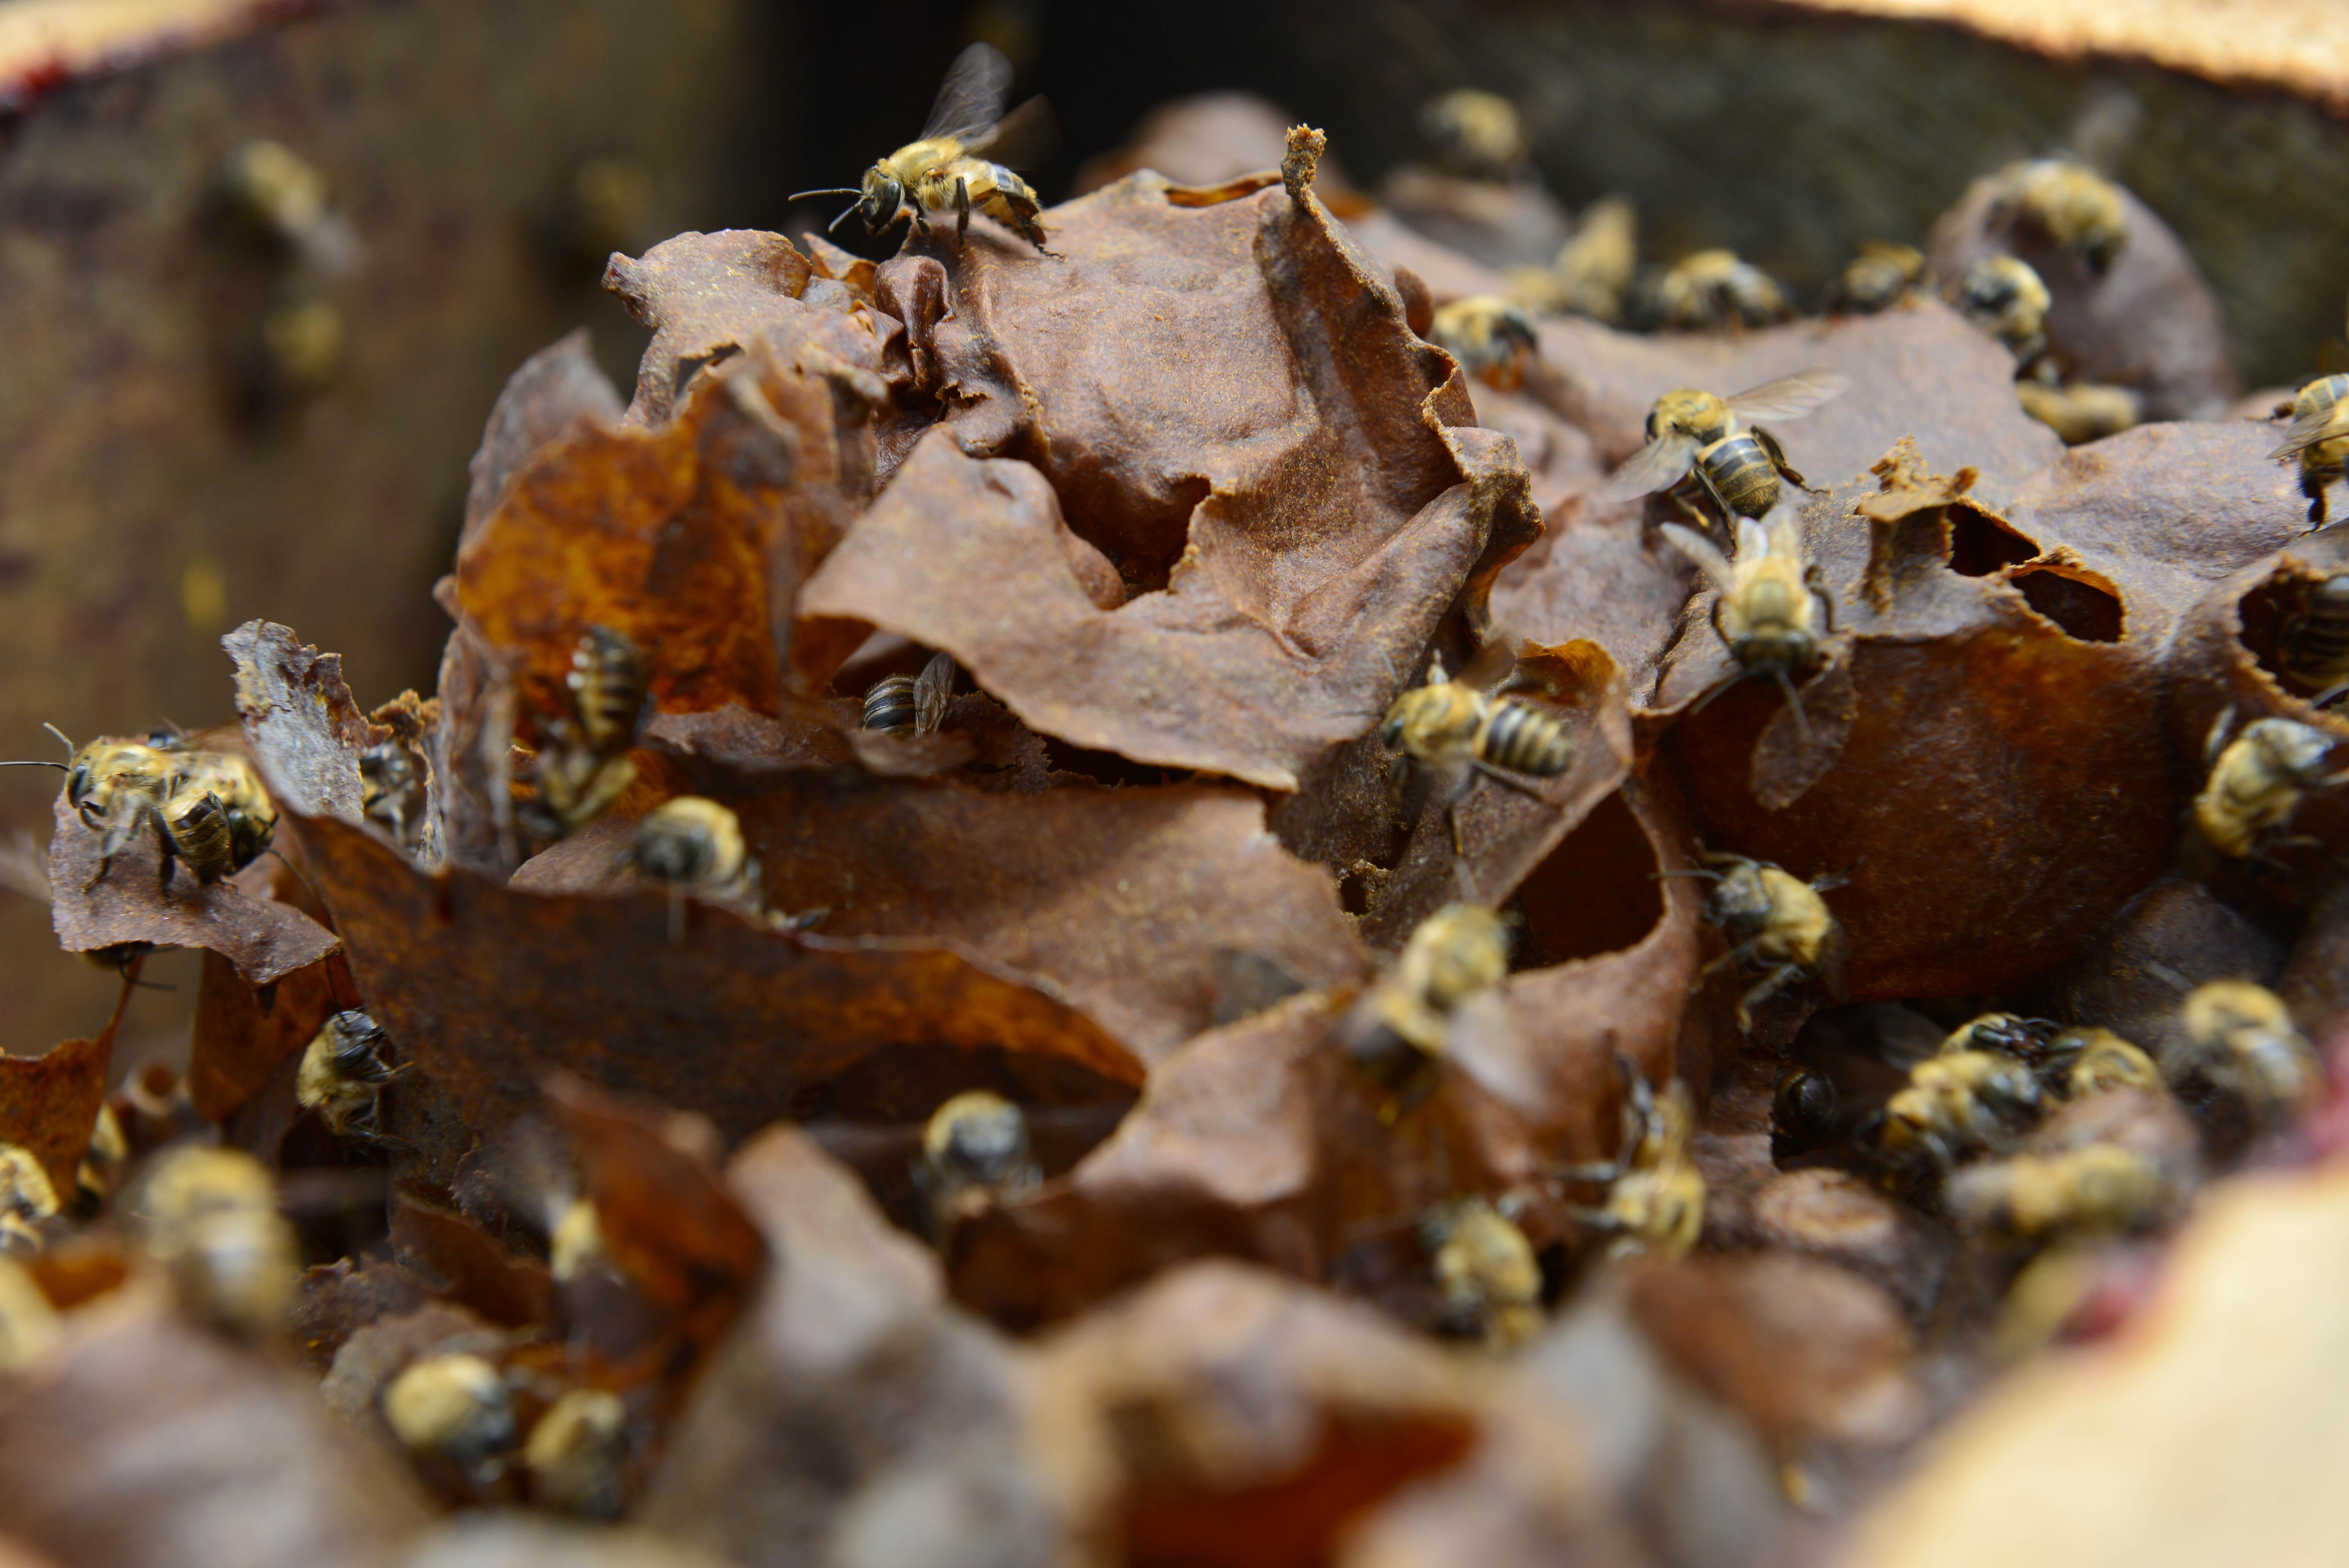 Criação de abelhas sem ferrão terá novas regras